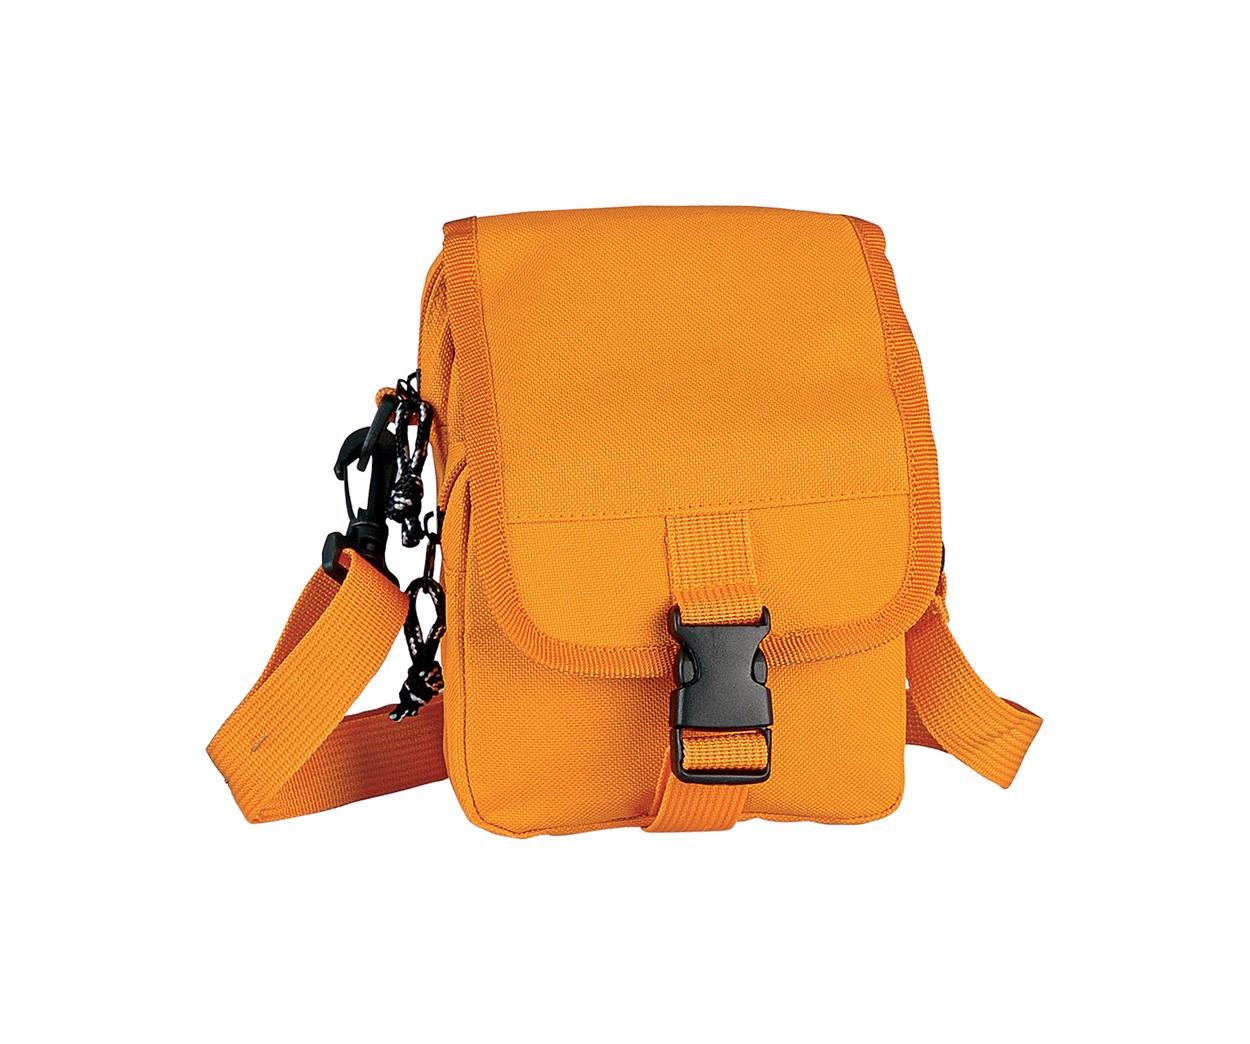 Taška Piluto - Oranžová